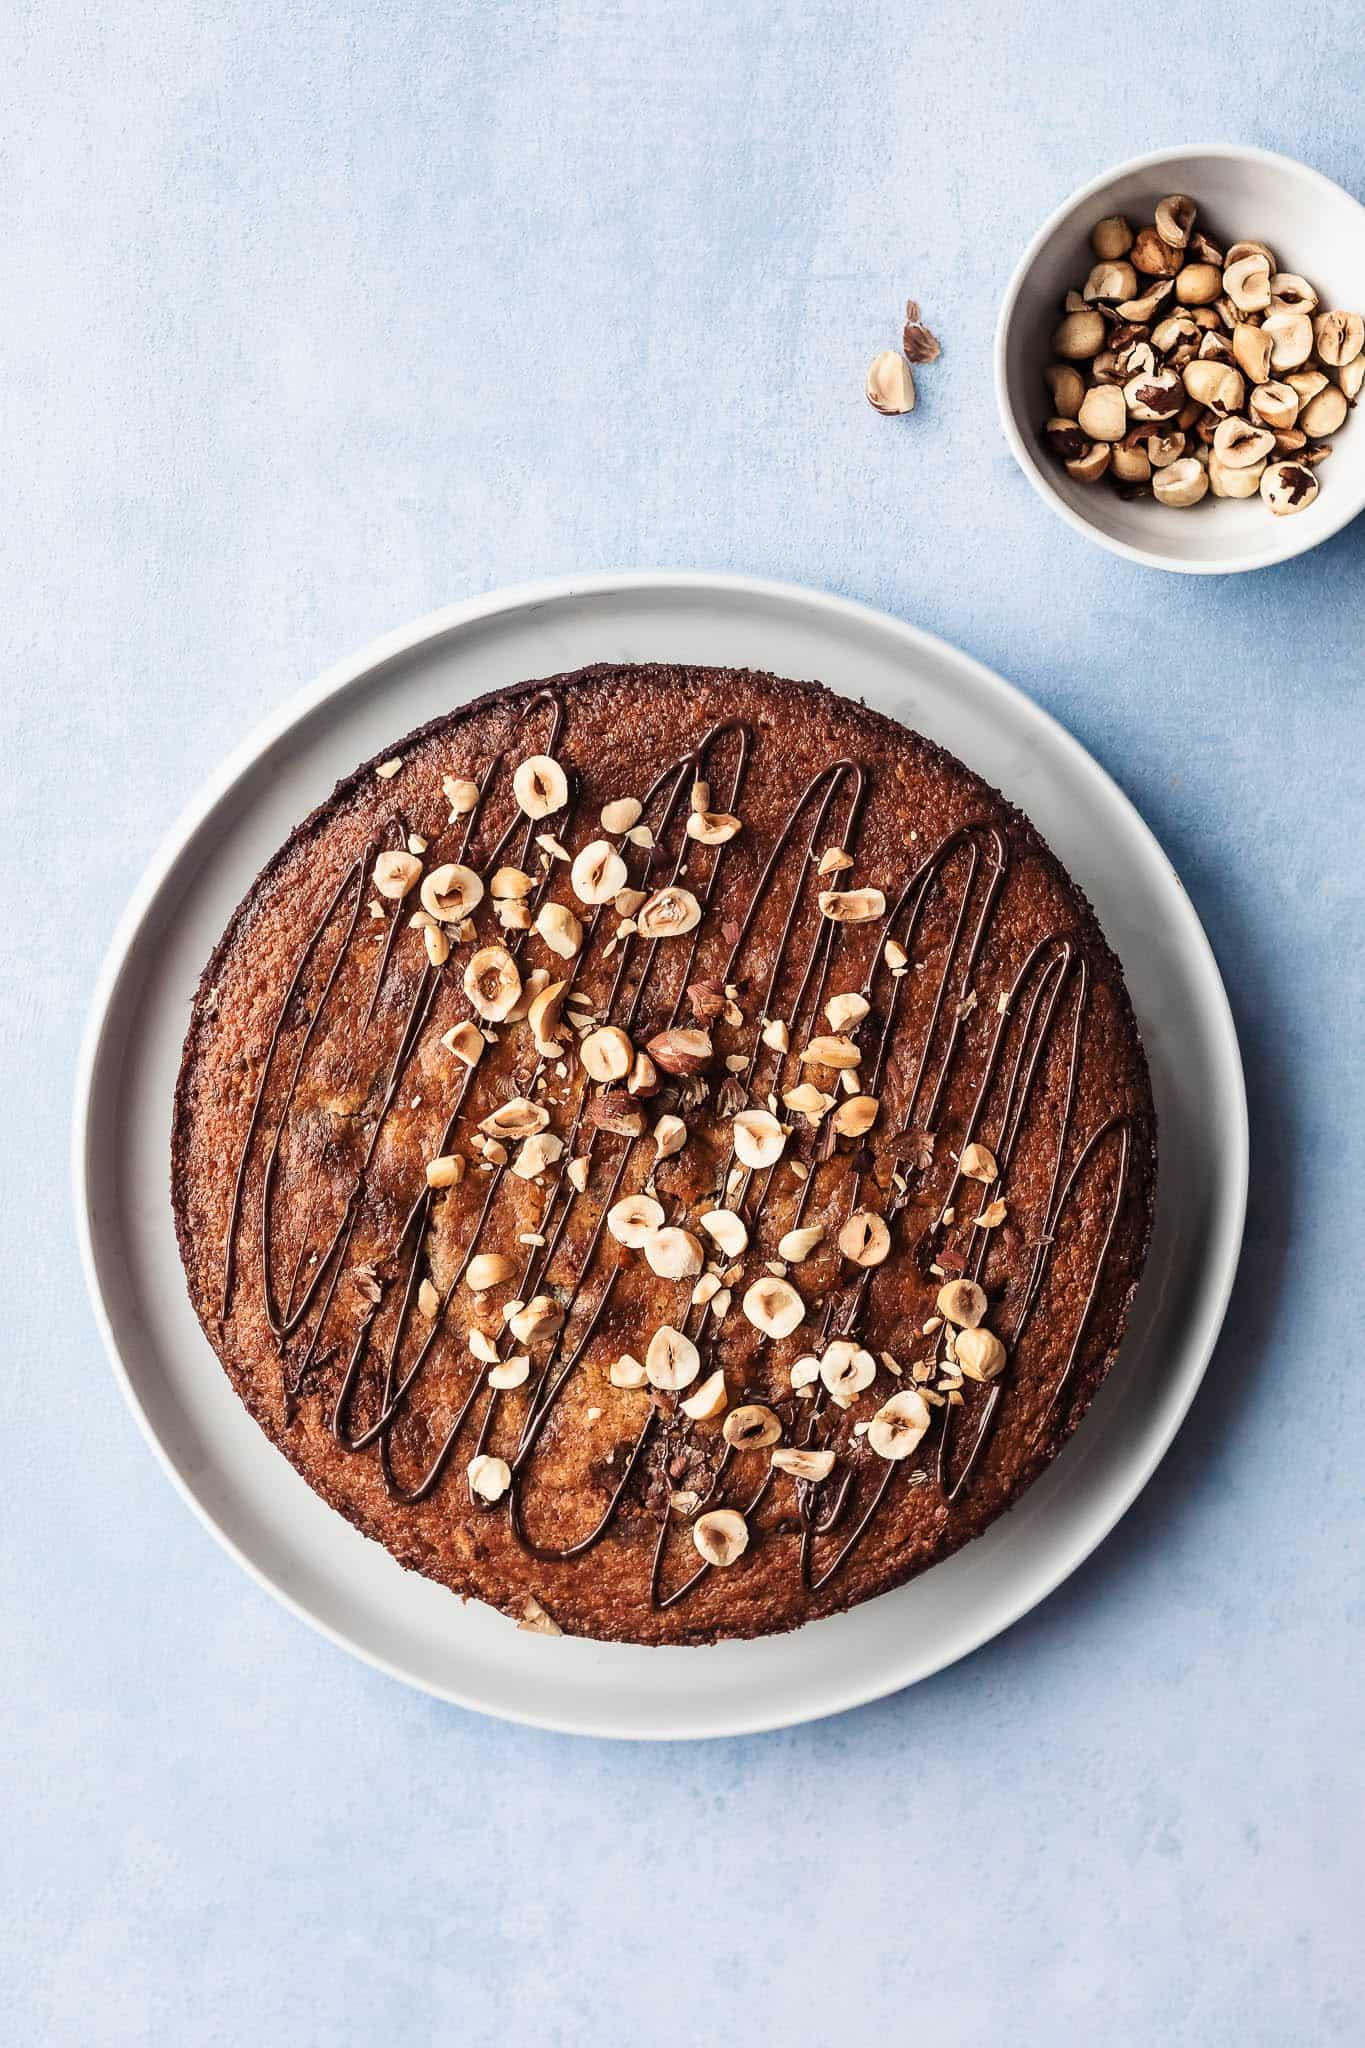 Glutenfri kage - nøddekage med marcipan og chokolade uden mel